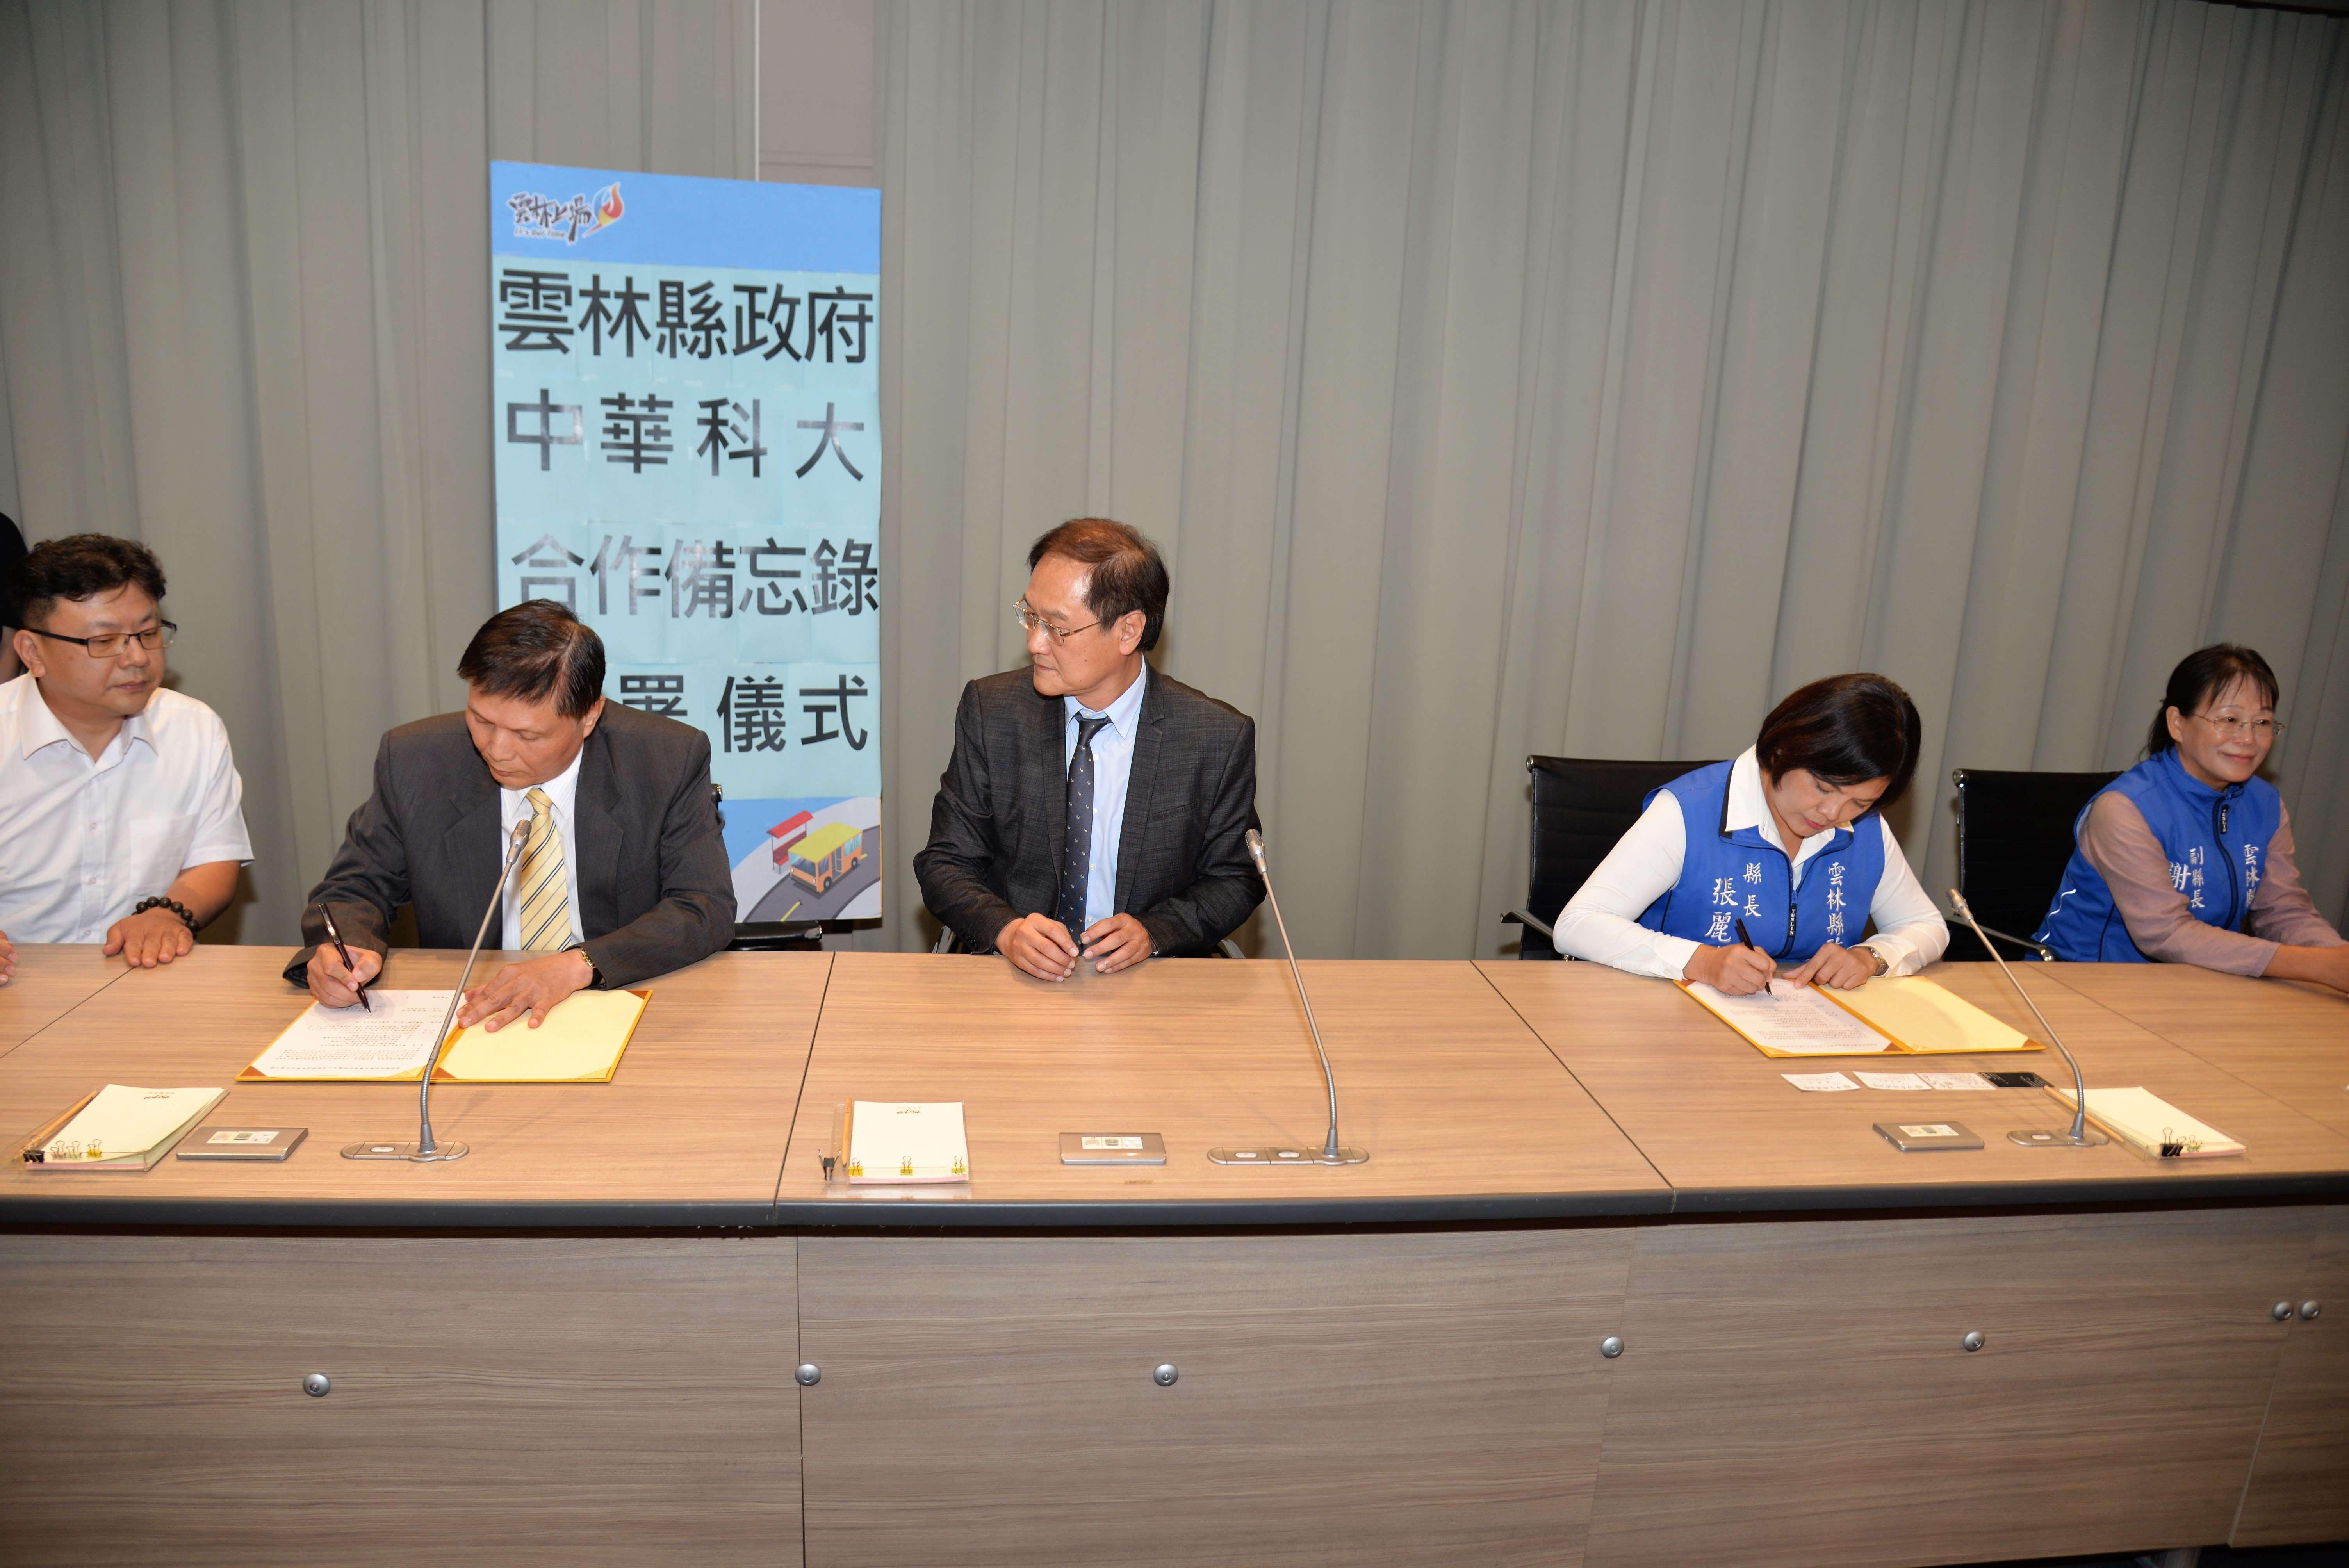 今簽署儀式由雲林縣長張麗善、中華科技大學校長郭承亮代表簽署,中華科技大學董事長孫建行等見證